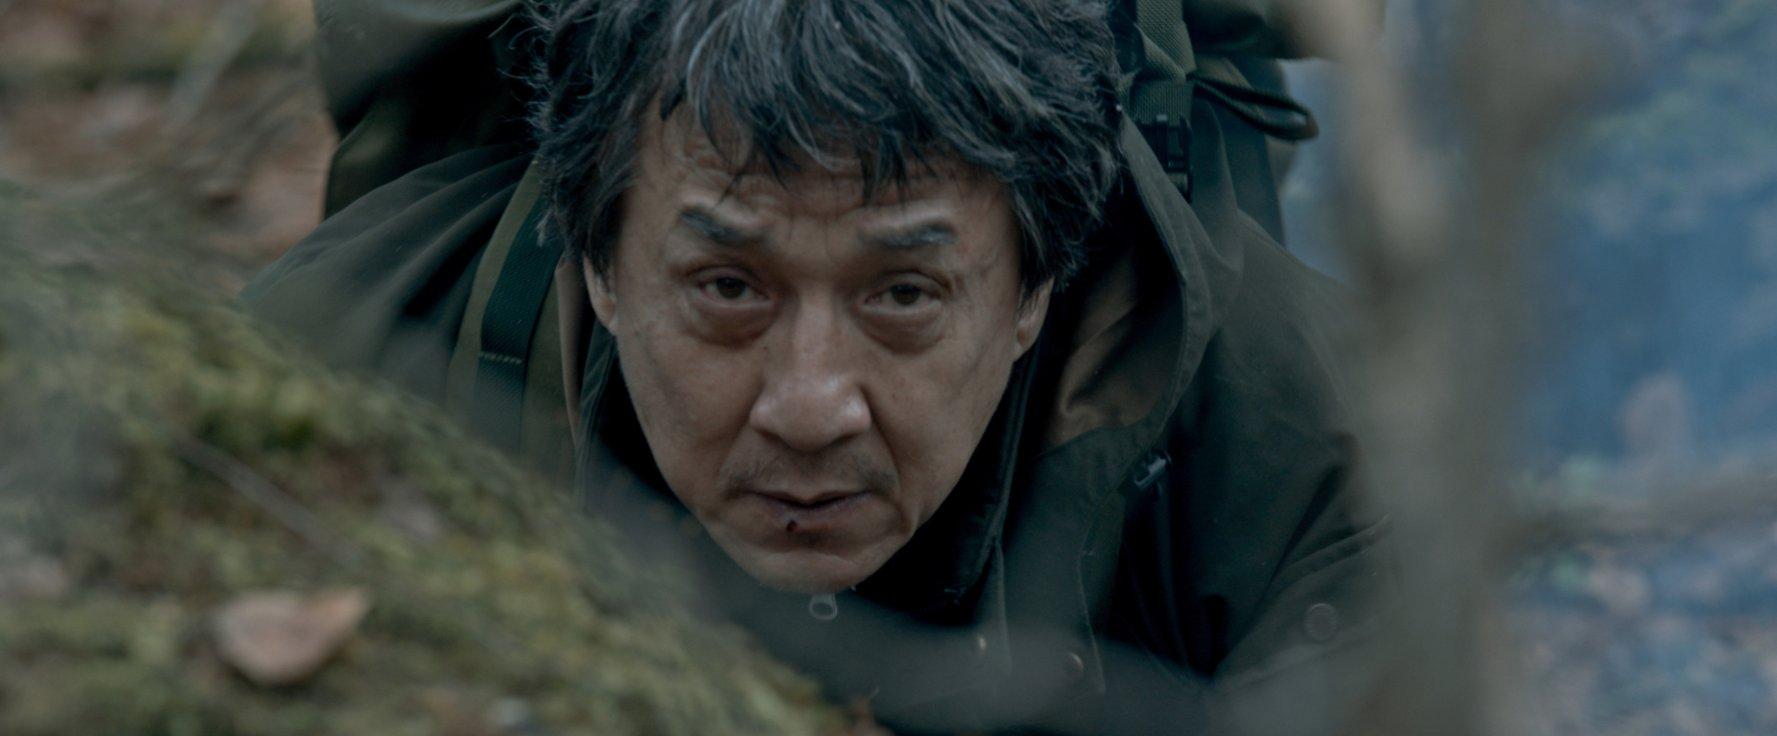 melhores filmes de ação de 2017 – o estrangeiro